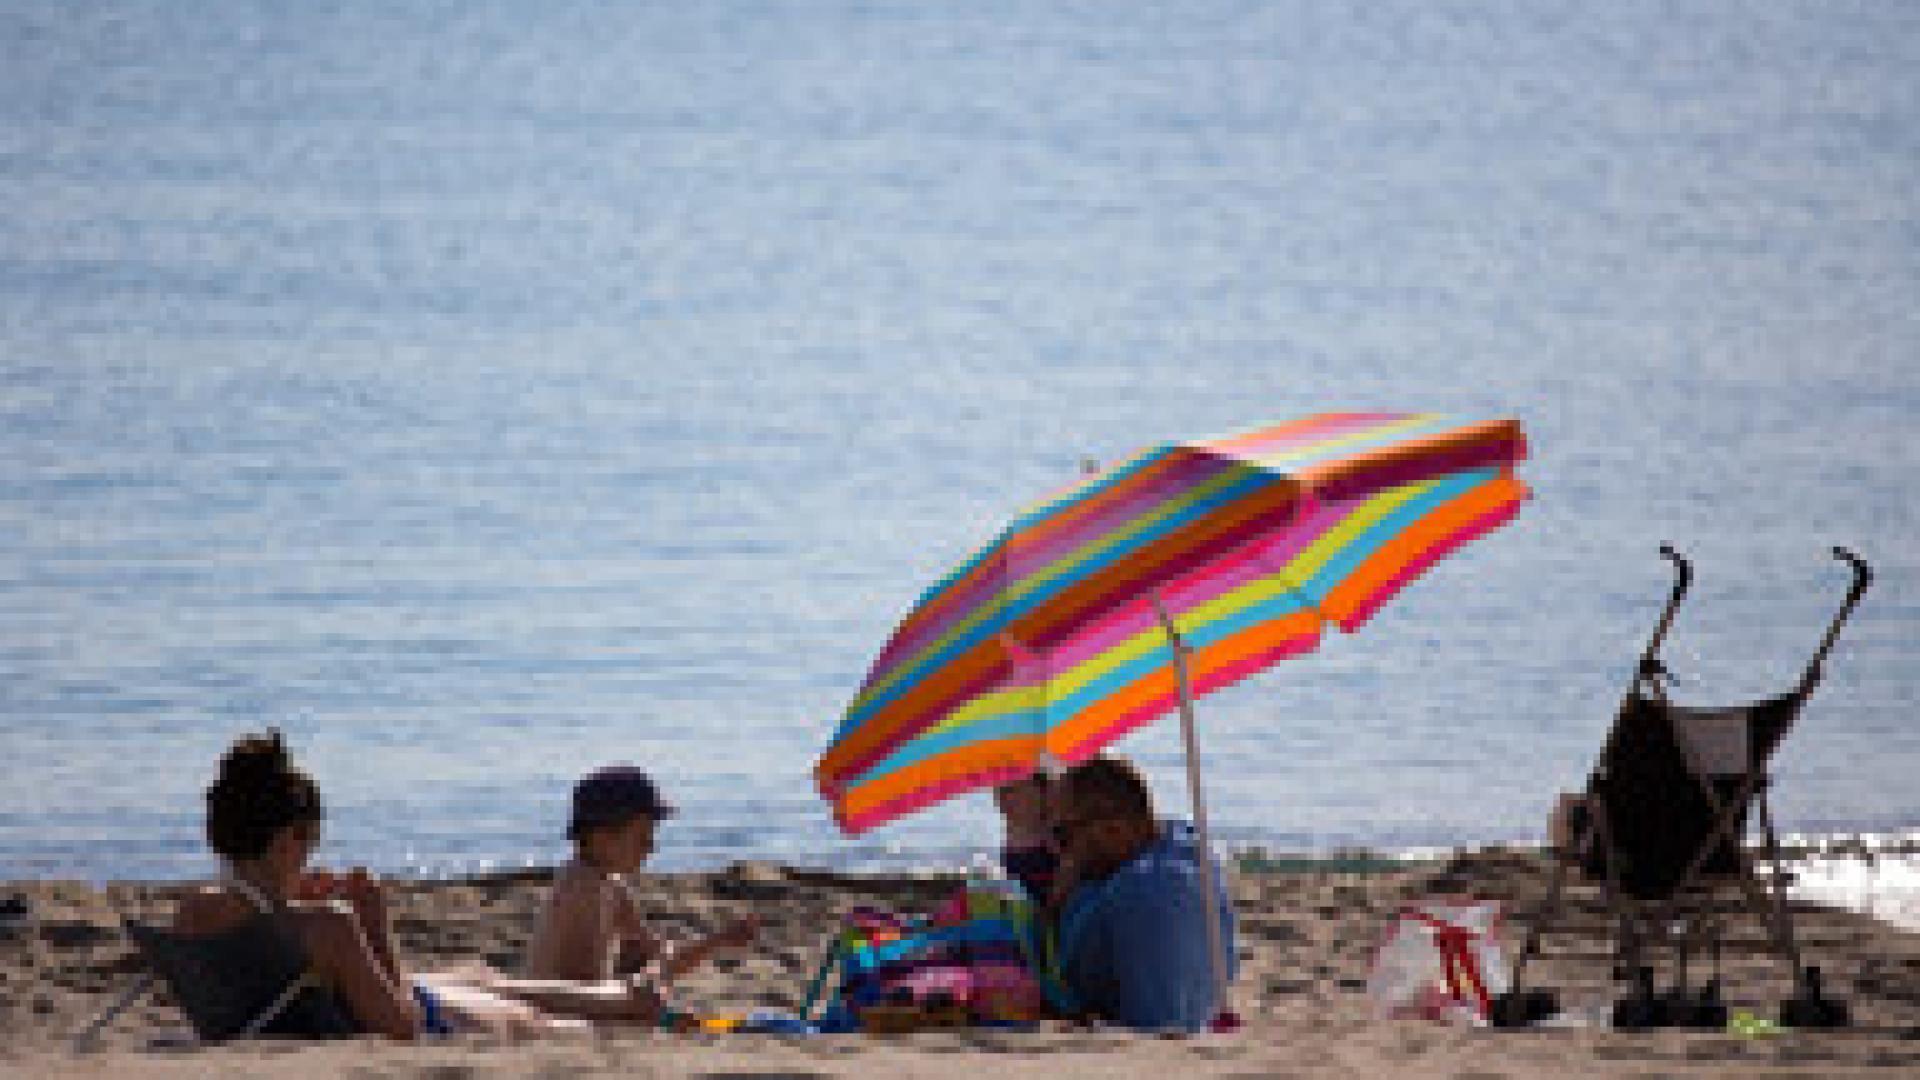 Plage office de tourisme loisirs et activit s office de - Office de tourisme chatelaillon plage ...